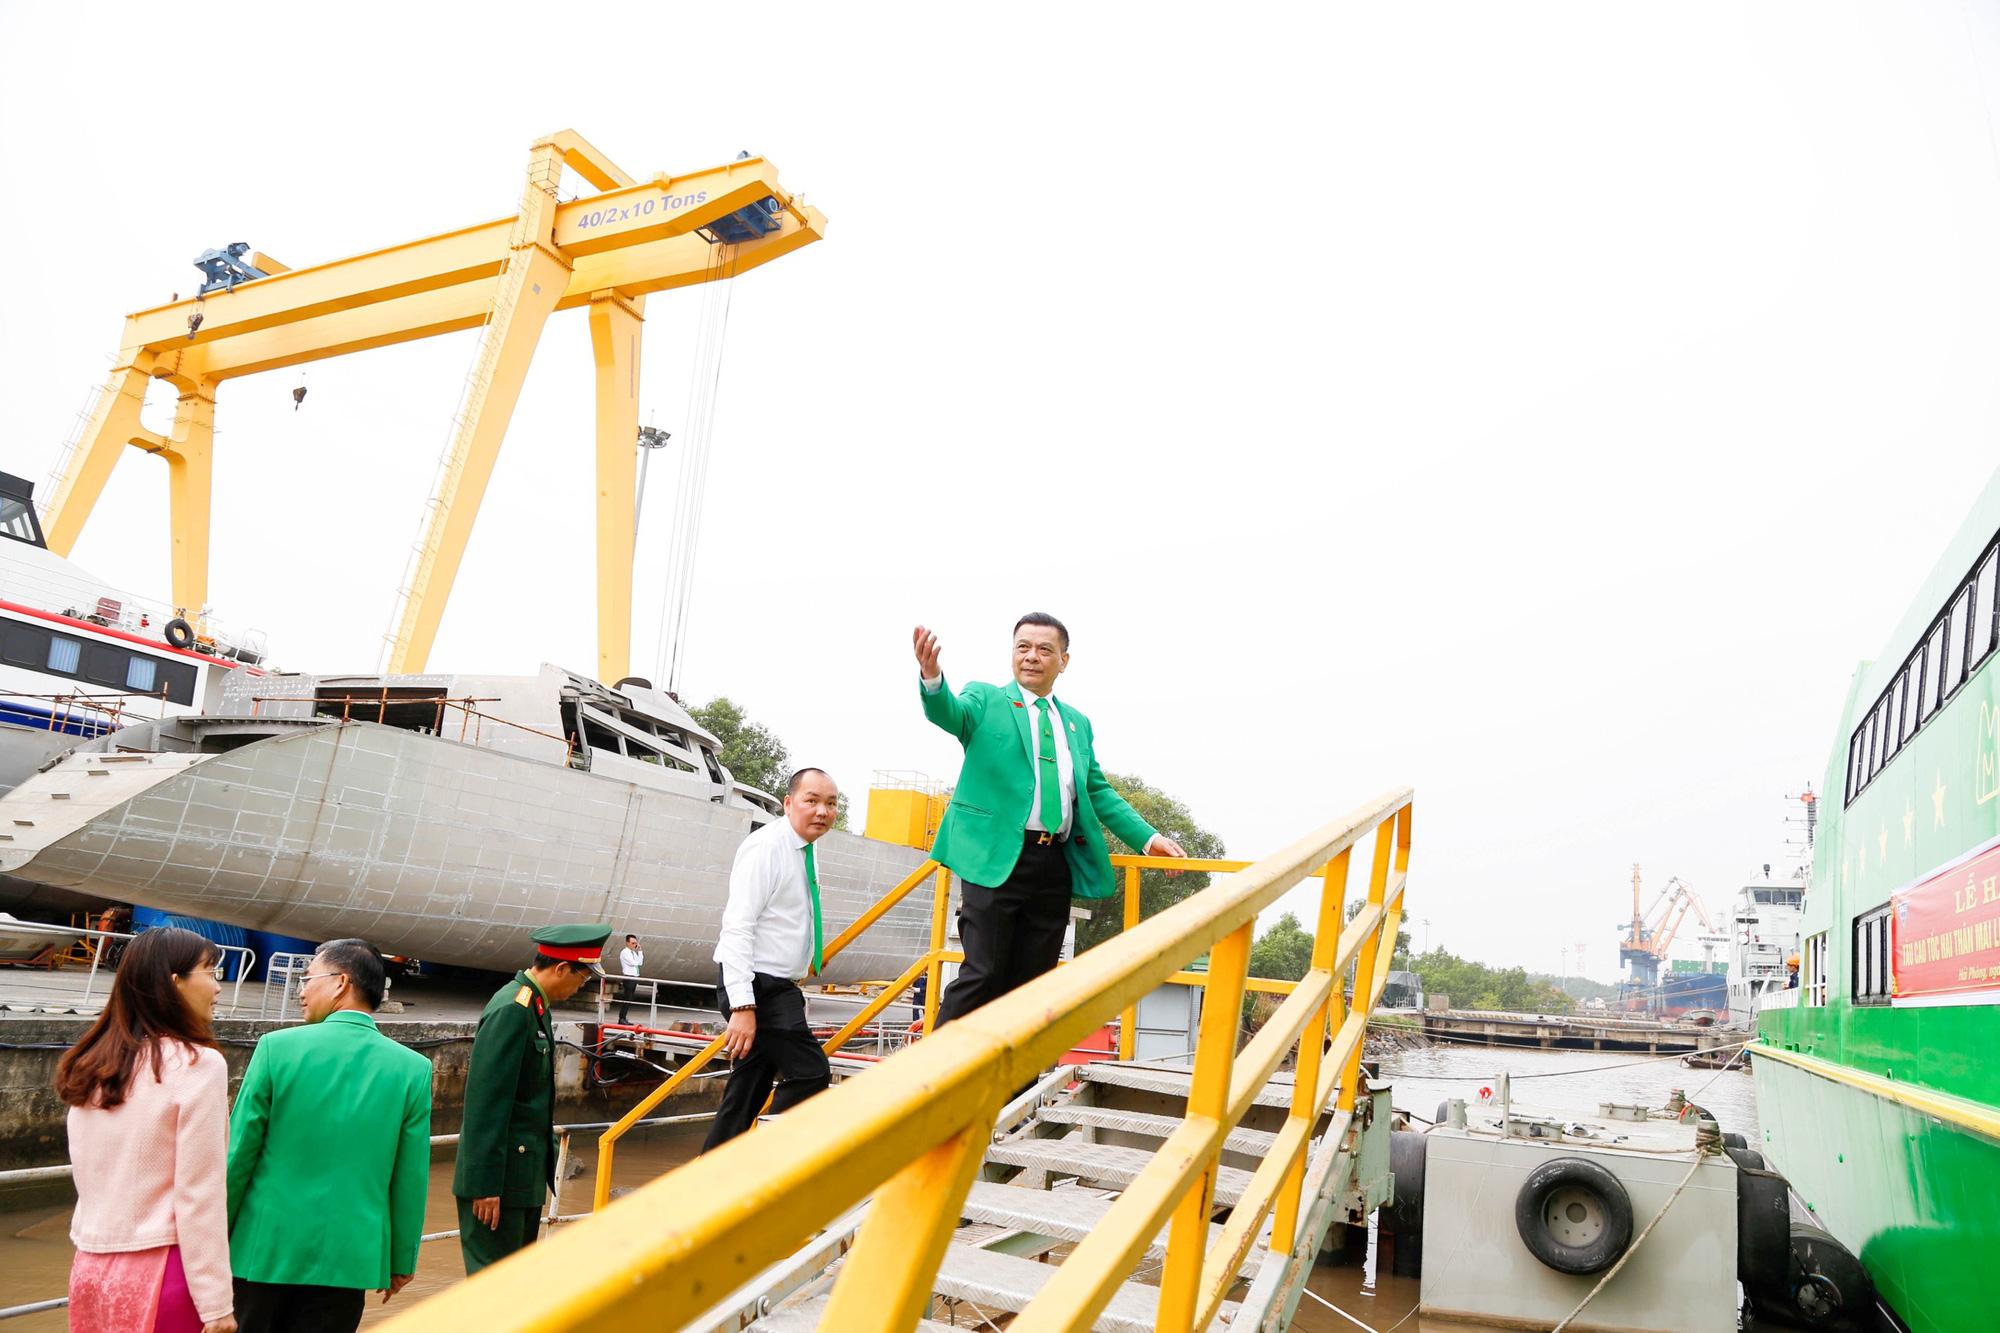 Những hình ảnh lung linh về tàu cao tốc Mai Linh - Ảnh 7.